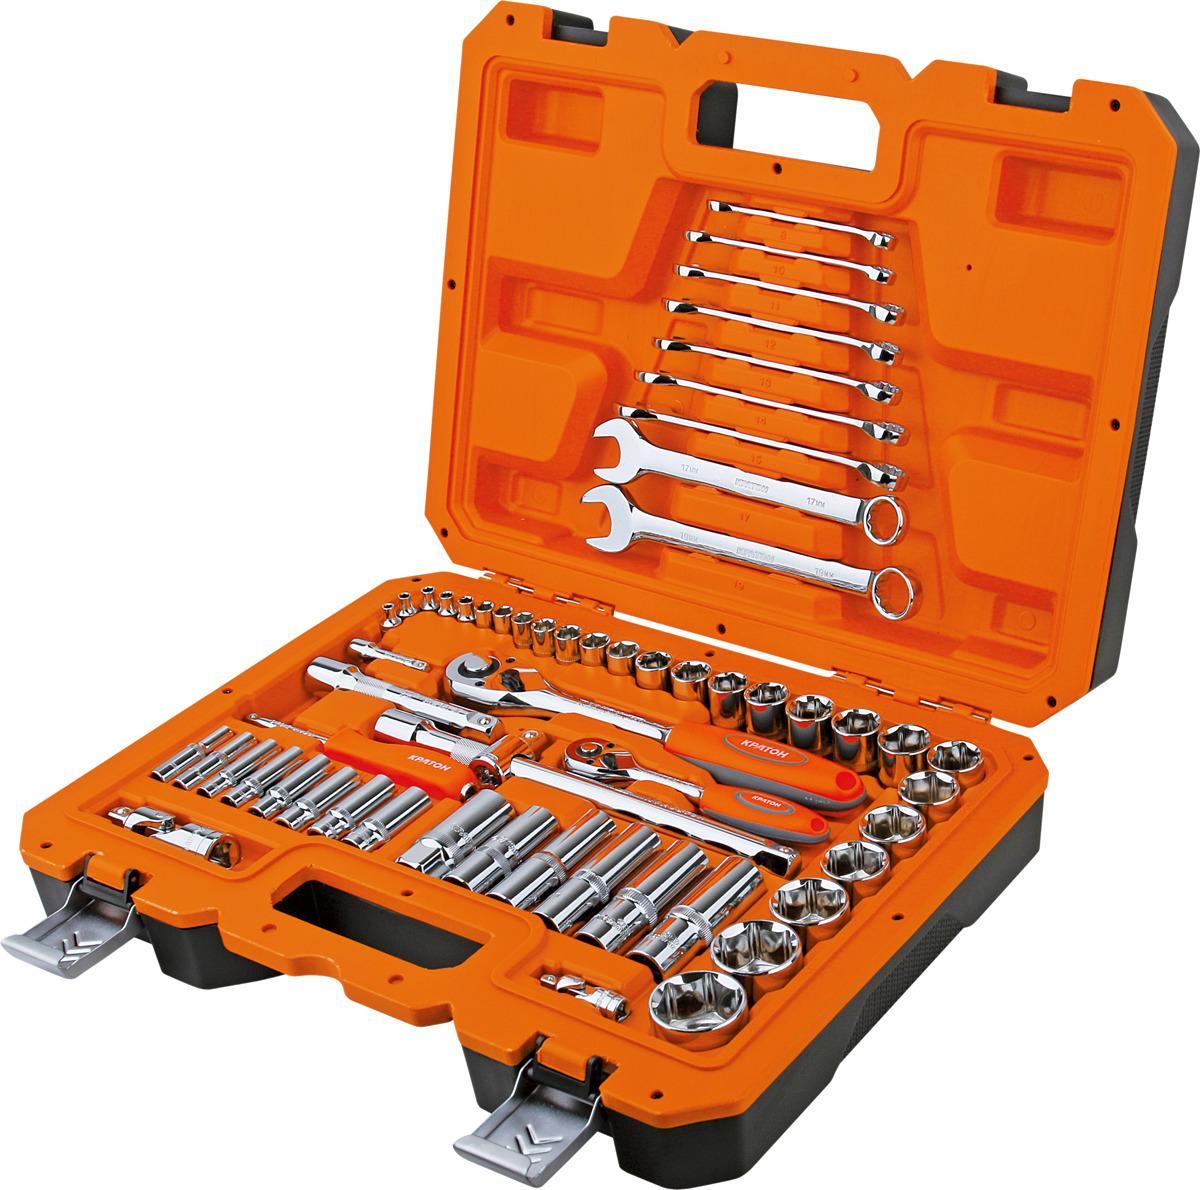 Набор инструментов Кратон TS-04 1/2+1/4, 58 предметов набор инструментов кратон ts 23 socket 150 1 4 3 8 1 2